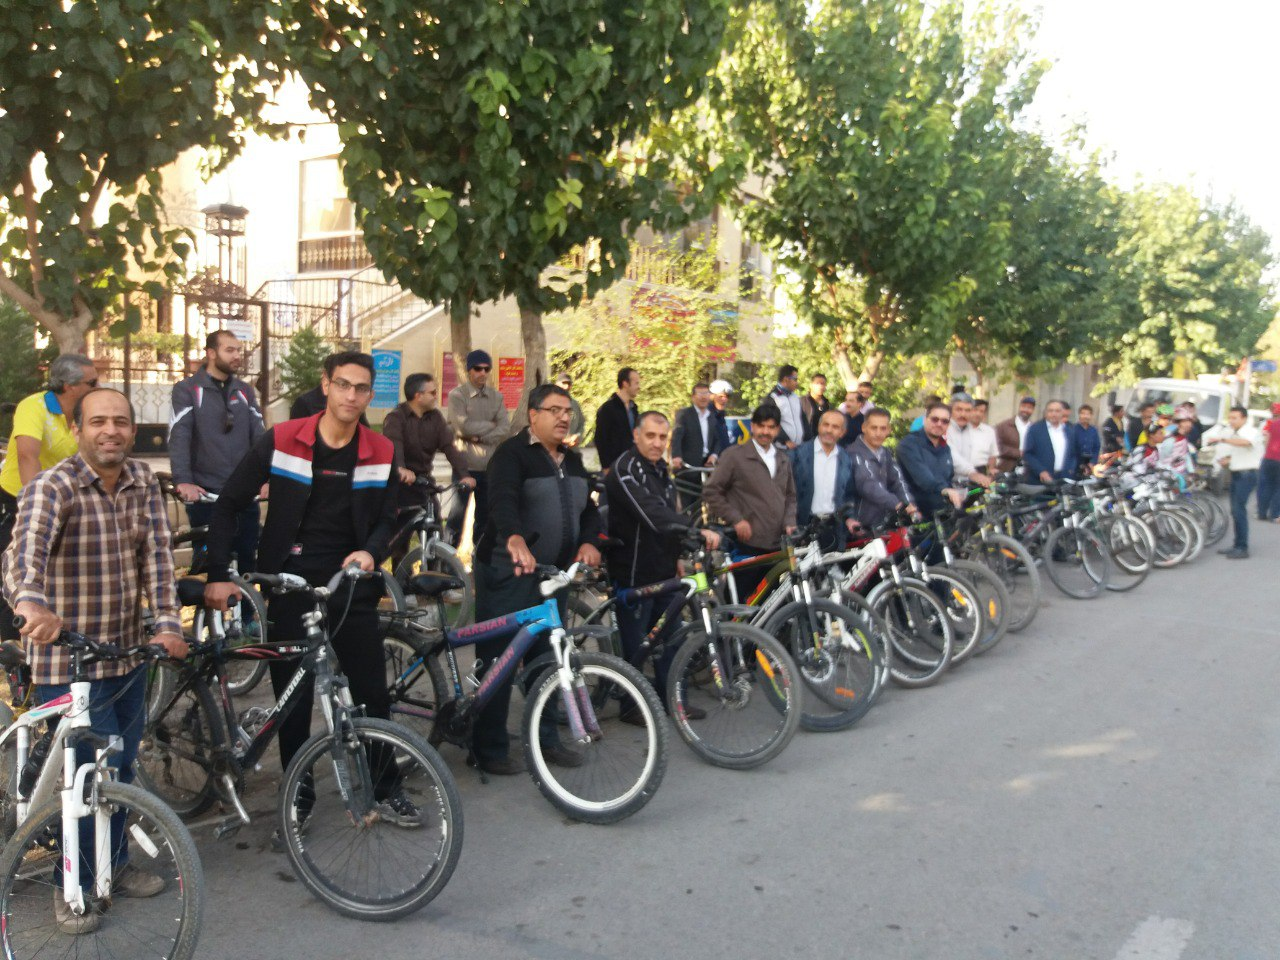 گزارش همایش دوچرخه سواری همکاران فرهنگی (آقایان) به مناسبت هفته ی تربیت بدنی